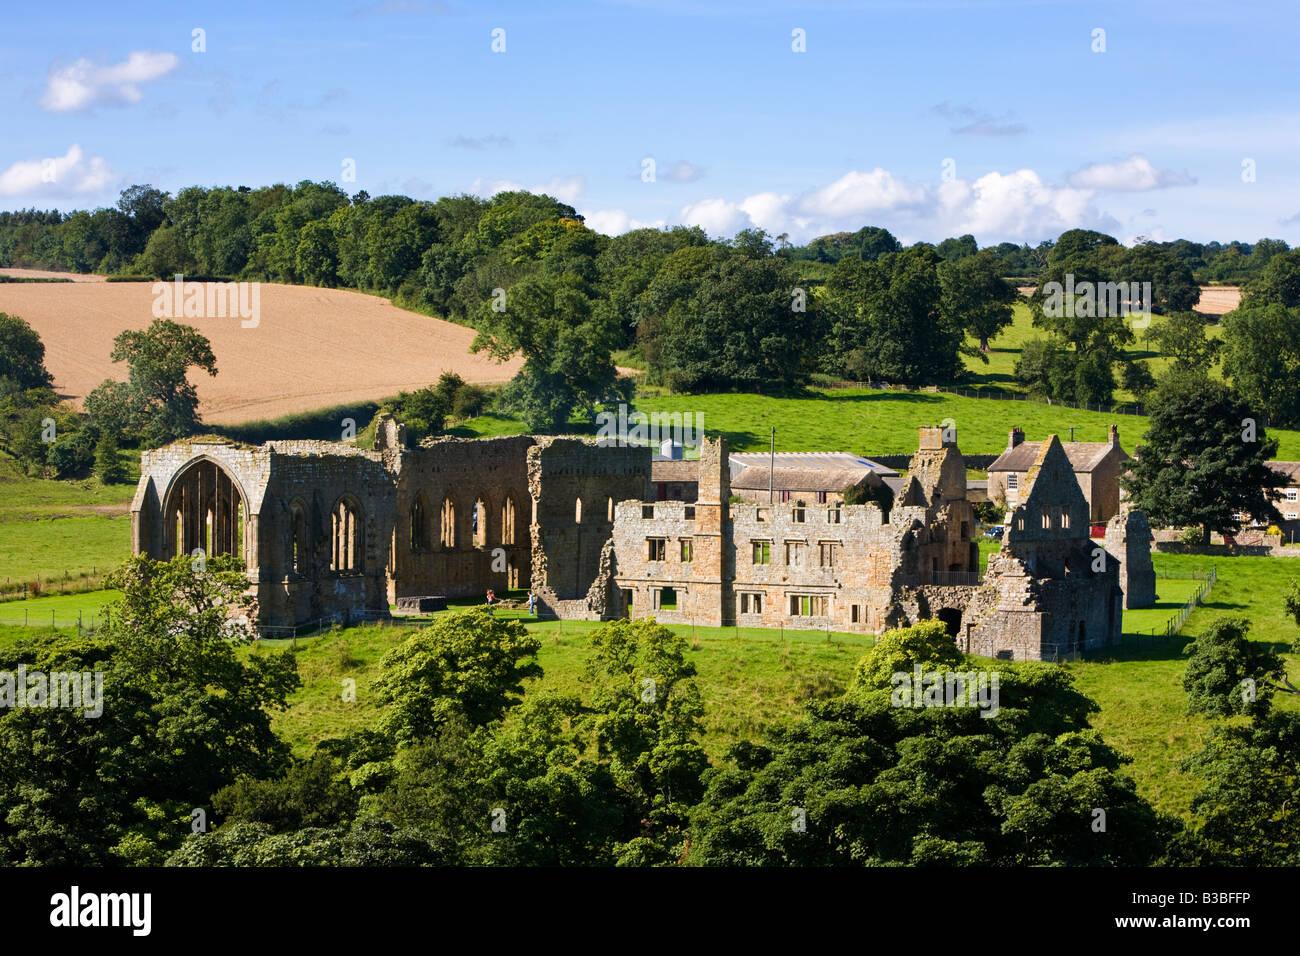 Ruins of Egglestone Abbey, County Durham, England, UK - Stock Image